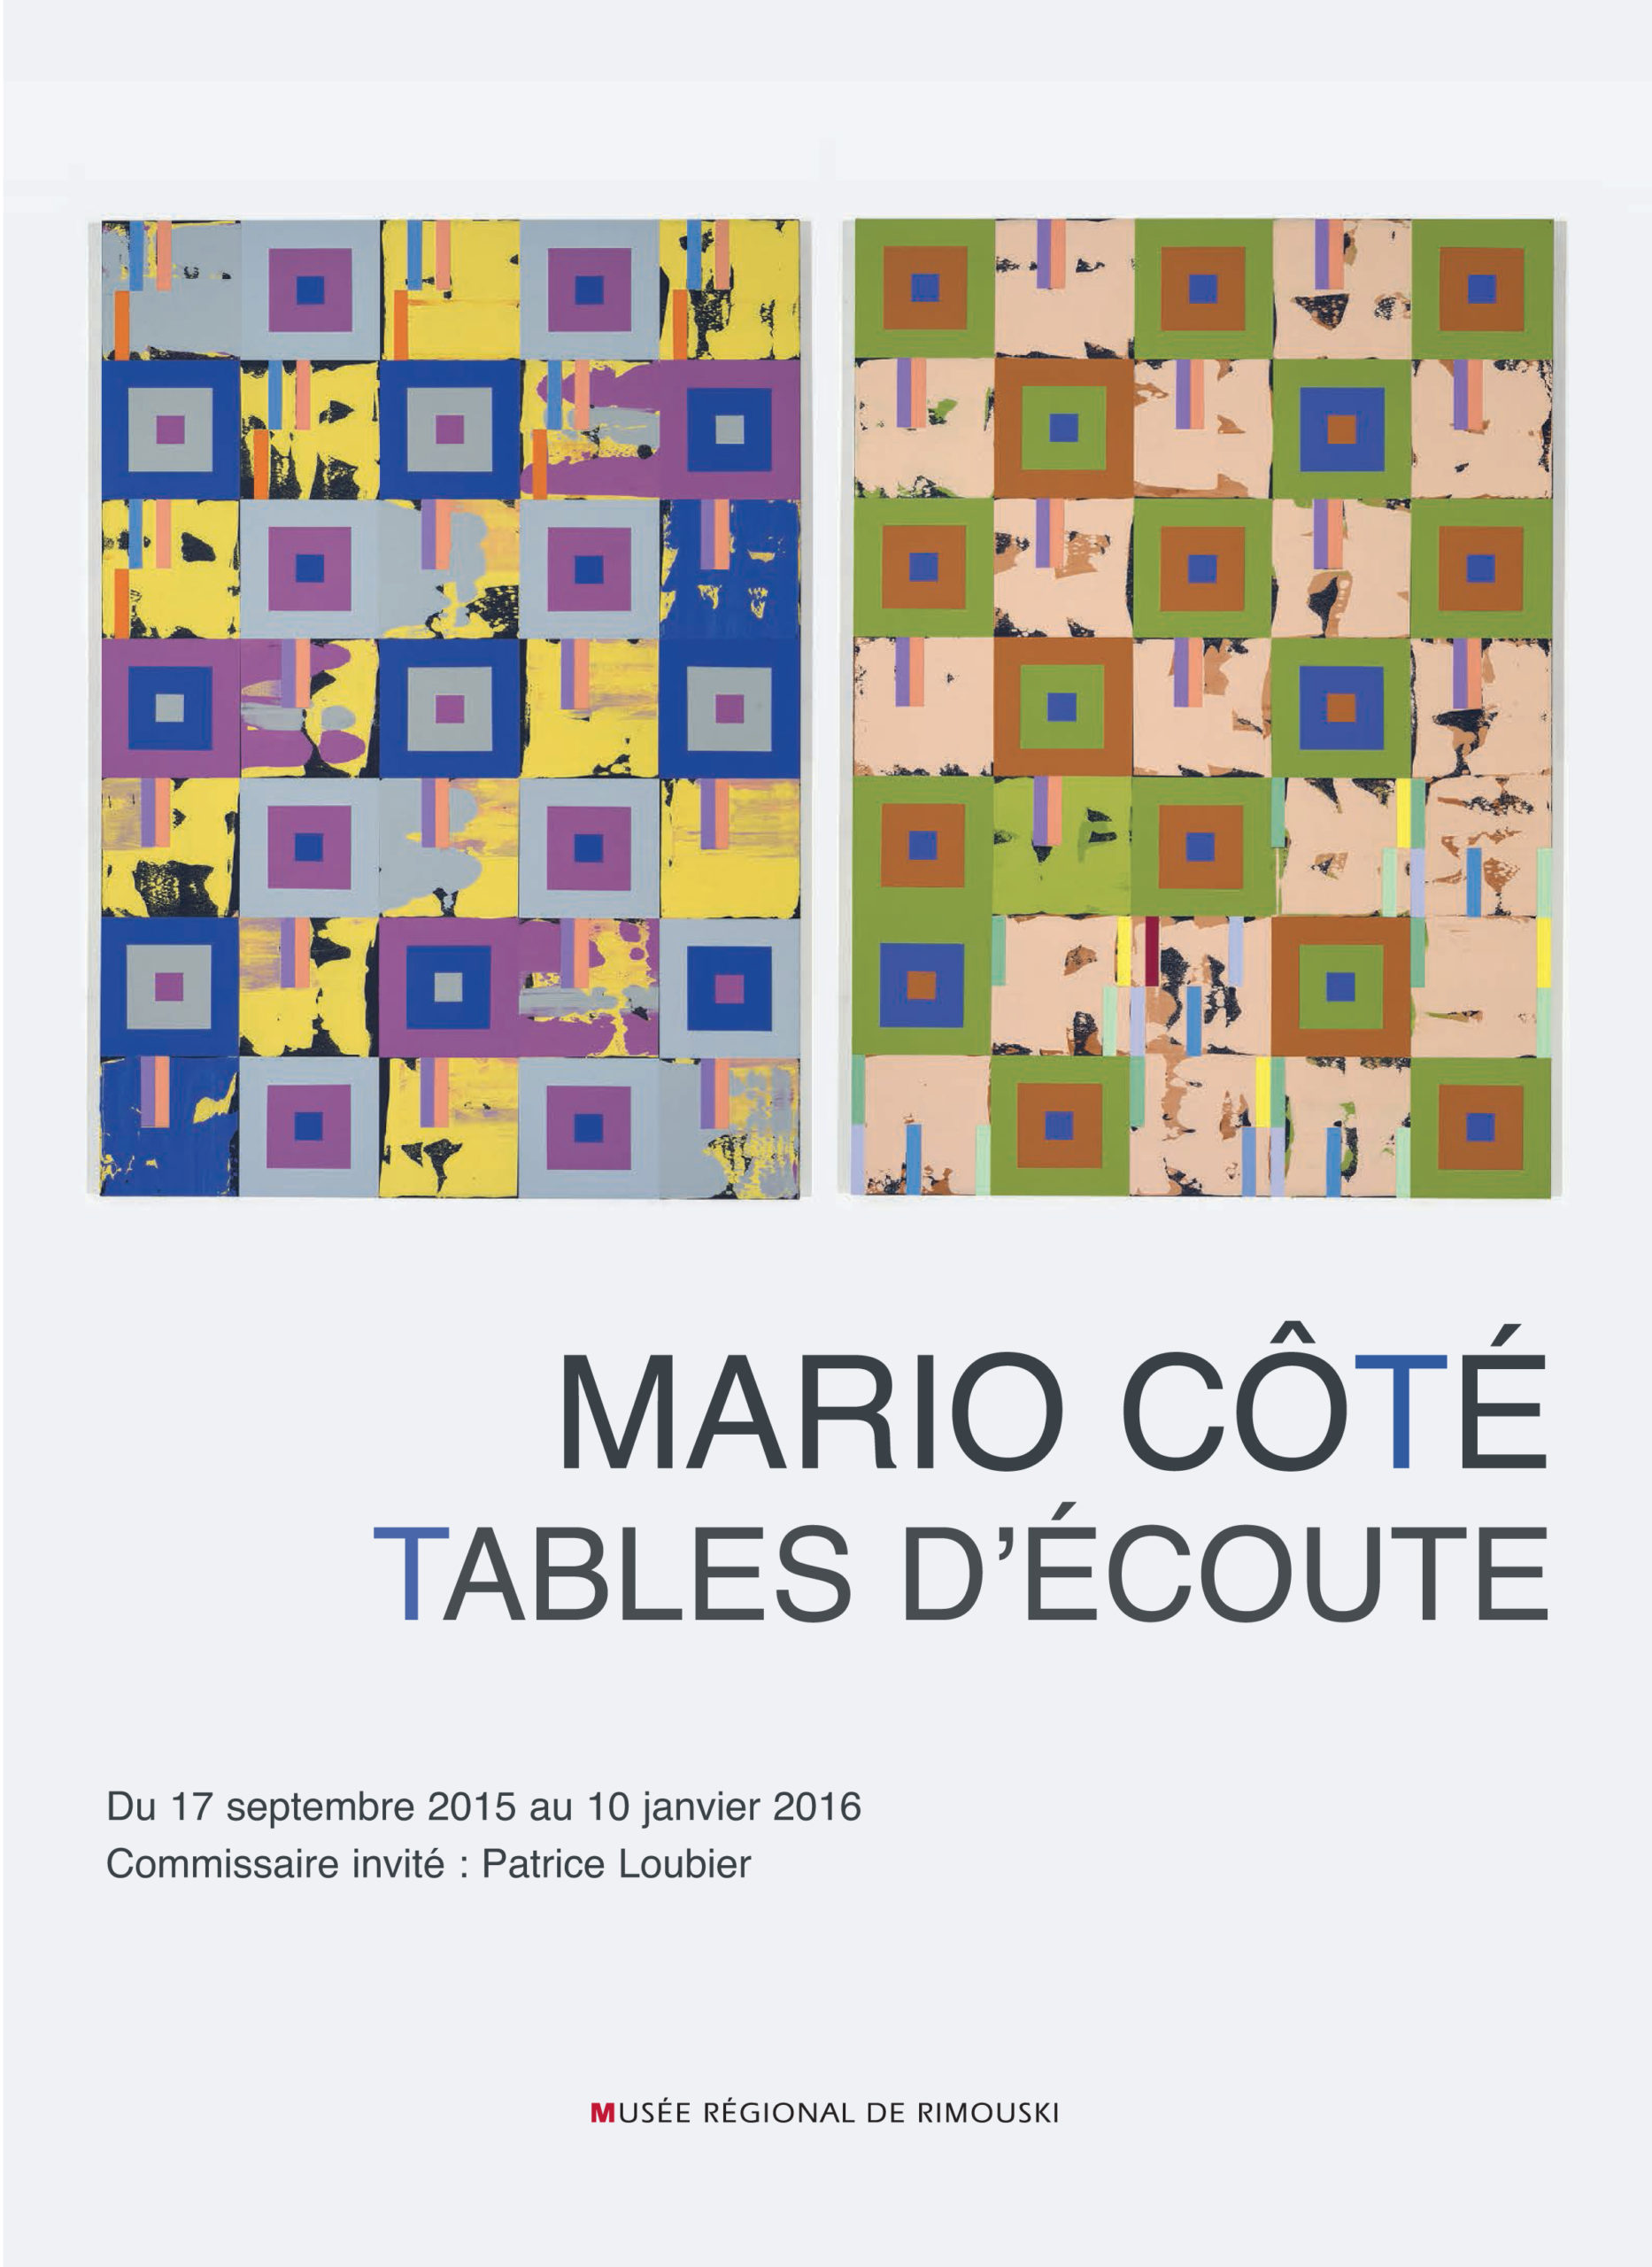 Tables d'écoute, Patrice Loubier, 2015